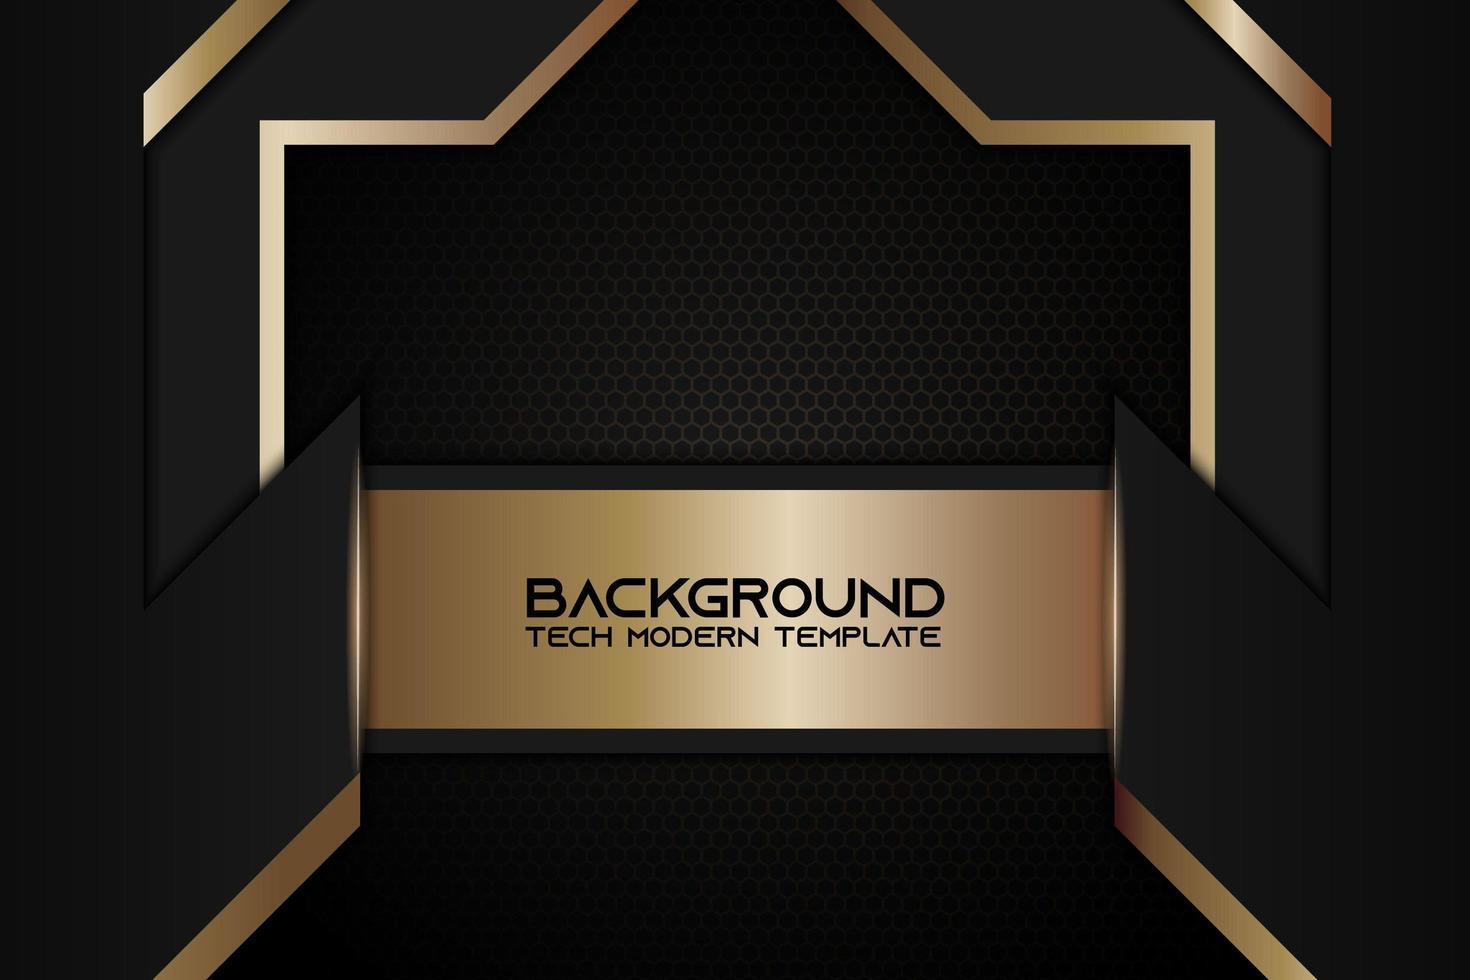 metallisk vinklad bakgrund med gyllene svart ram vektor